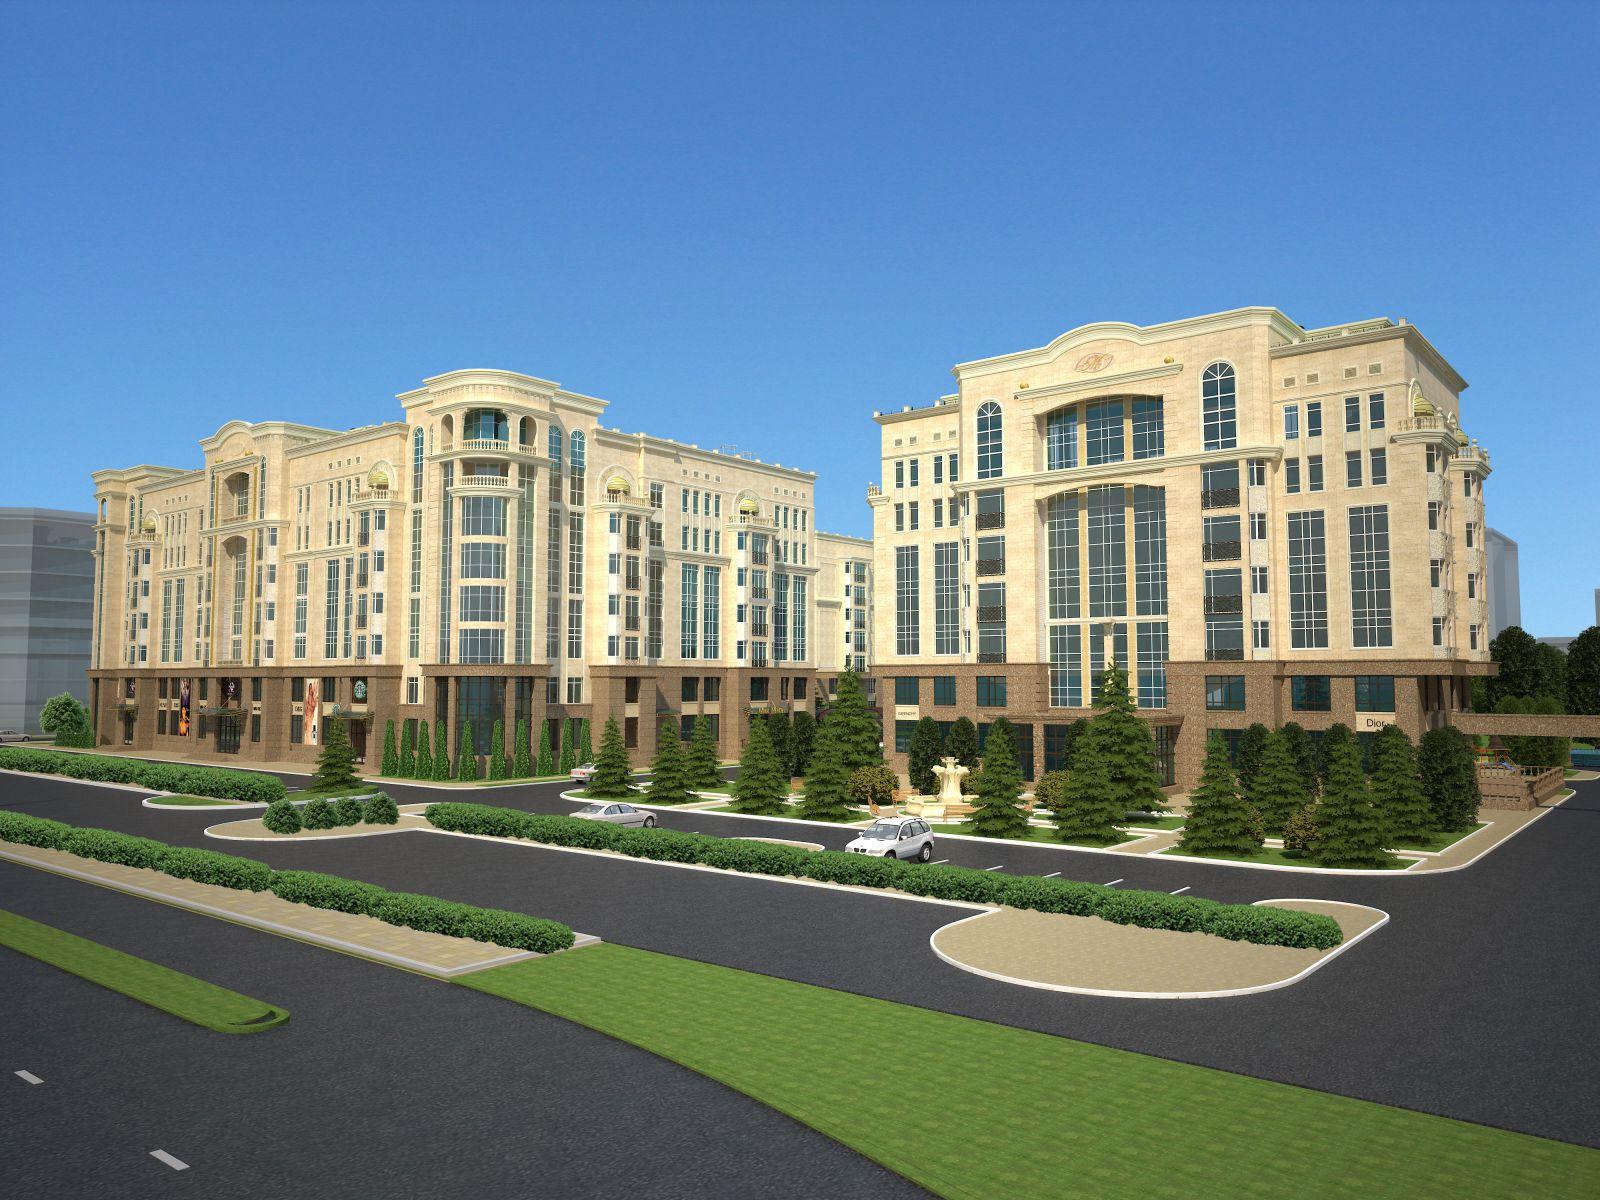 Проект расположен на первой линии одного из перспективных районов Левого  берега, с удобными транспортными развязками и развитой инфраструктурой. 00b0749903a